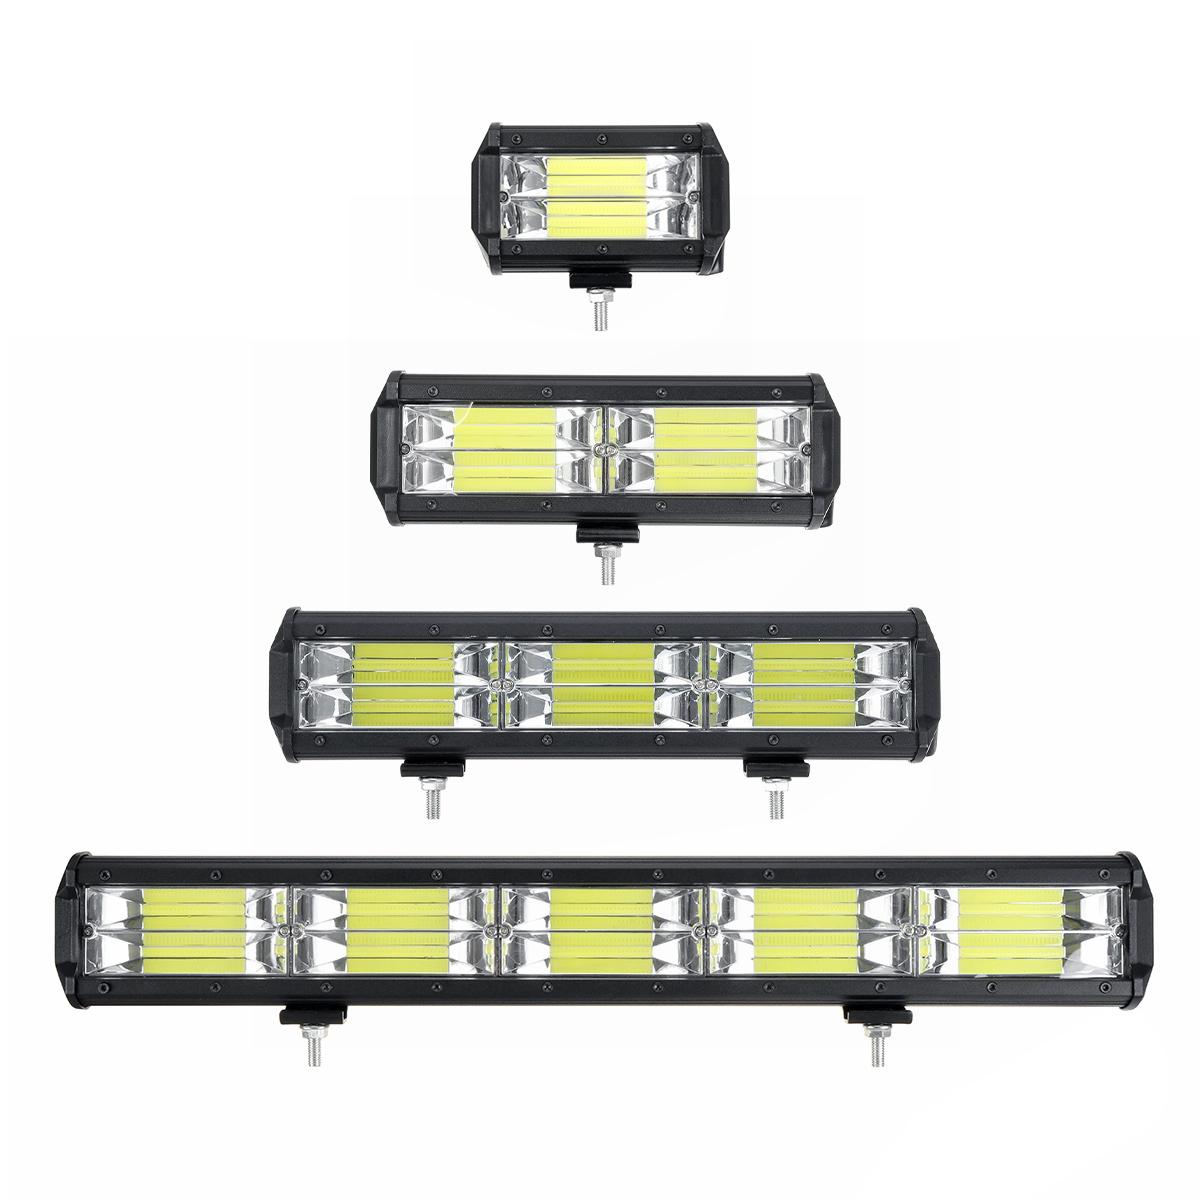 9V-30V 12V-24V LED Work Light Bar Flood Spot Lights Driving Lamp For Boat Motorcycle Offroad Car Truck SUV